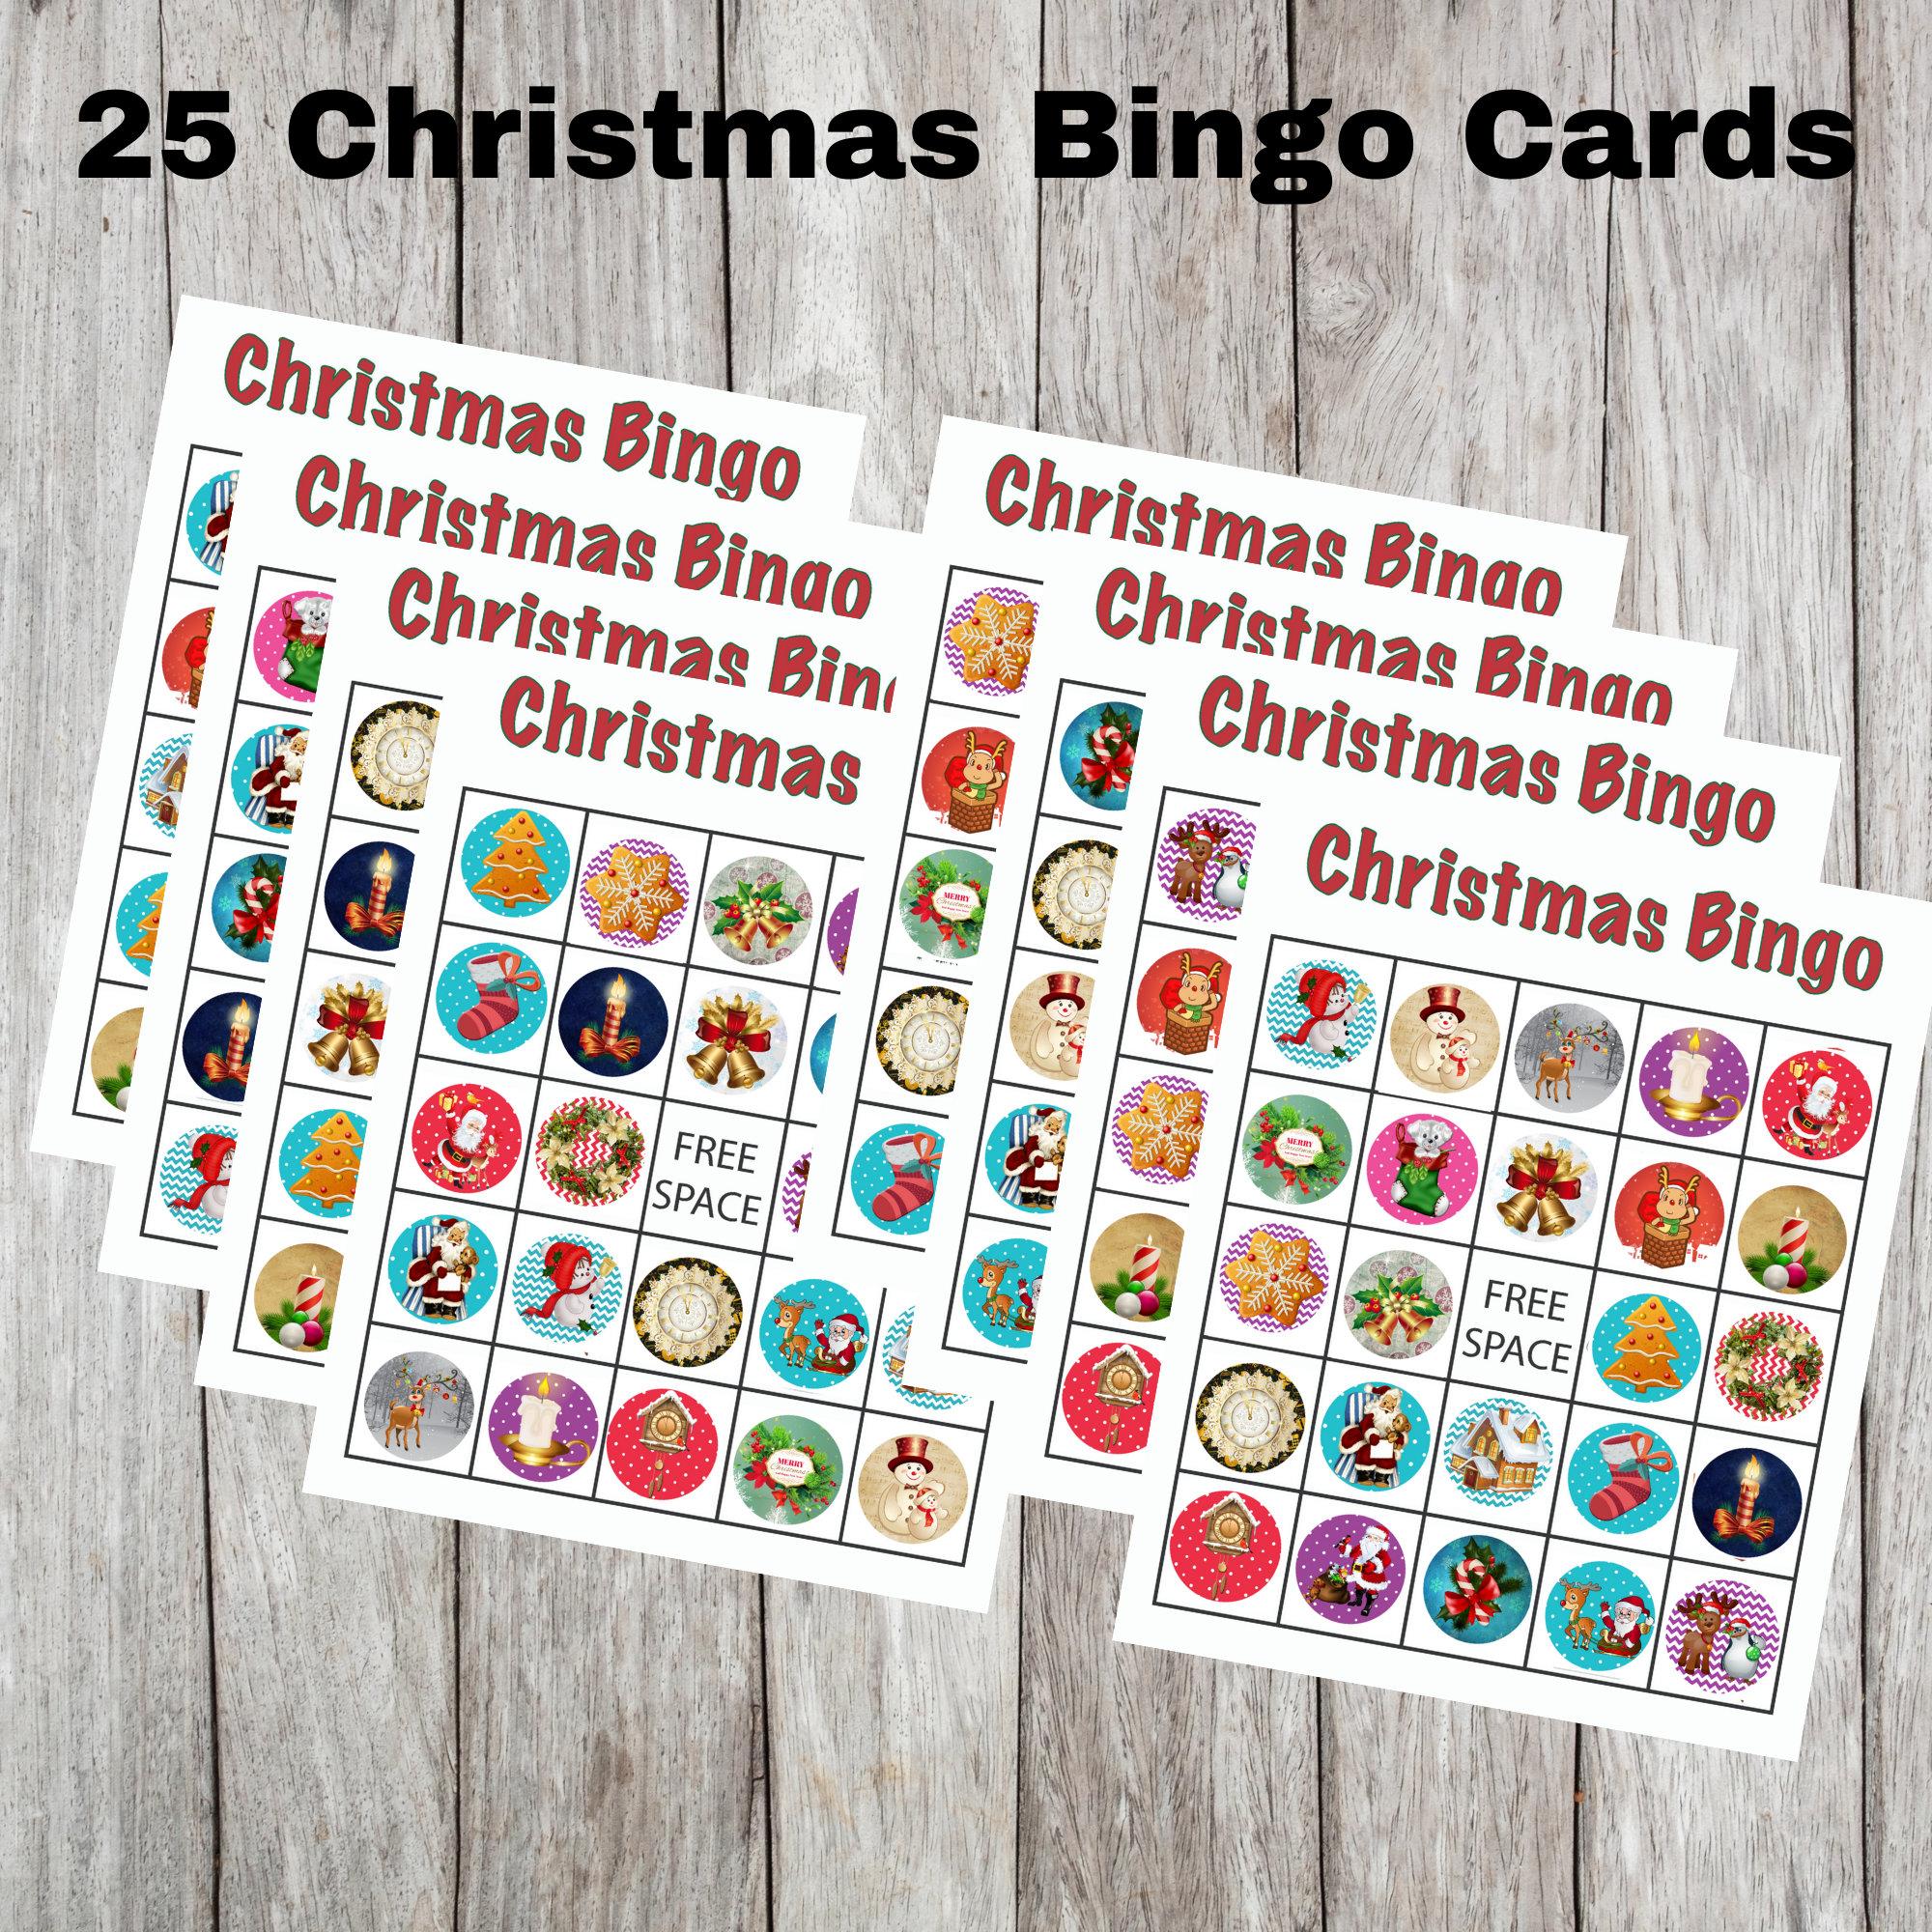 25 Printable Christmas Bingo Cards Christmas Bingo Cards For Kids Easy Bingo Cards Digital Christmas Bingo